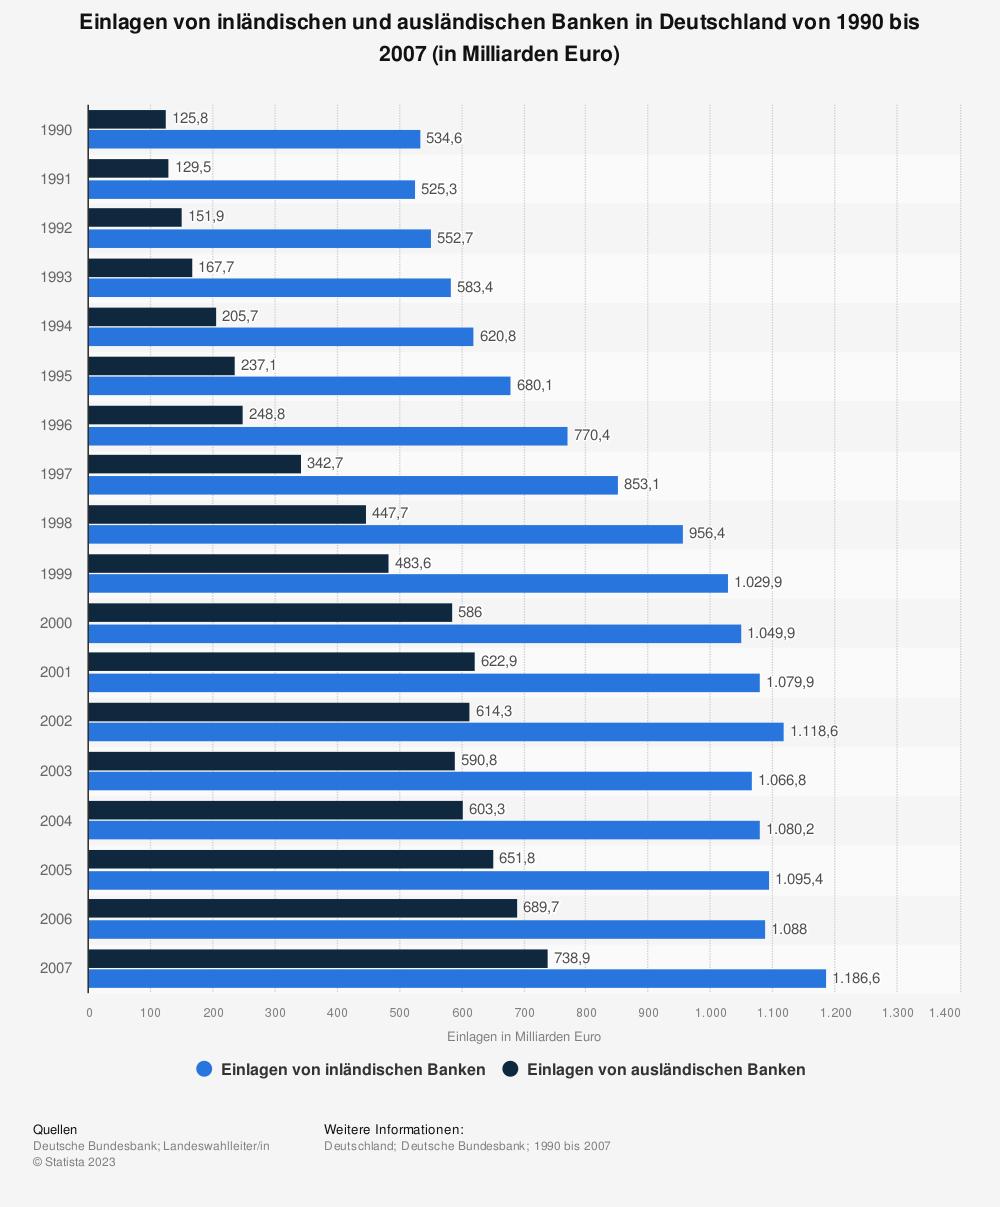 Statistik: Einlagen von inländischen und ausländischen Banken in Deutschland von 1990 bis 2007 (in Milliarden Euro) | Statista